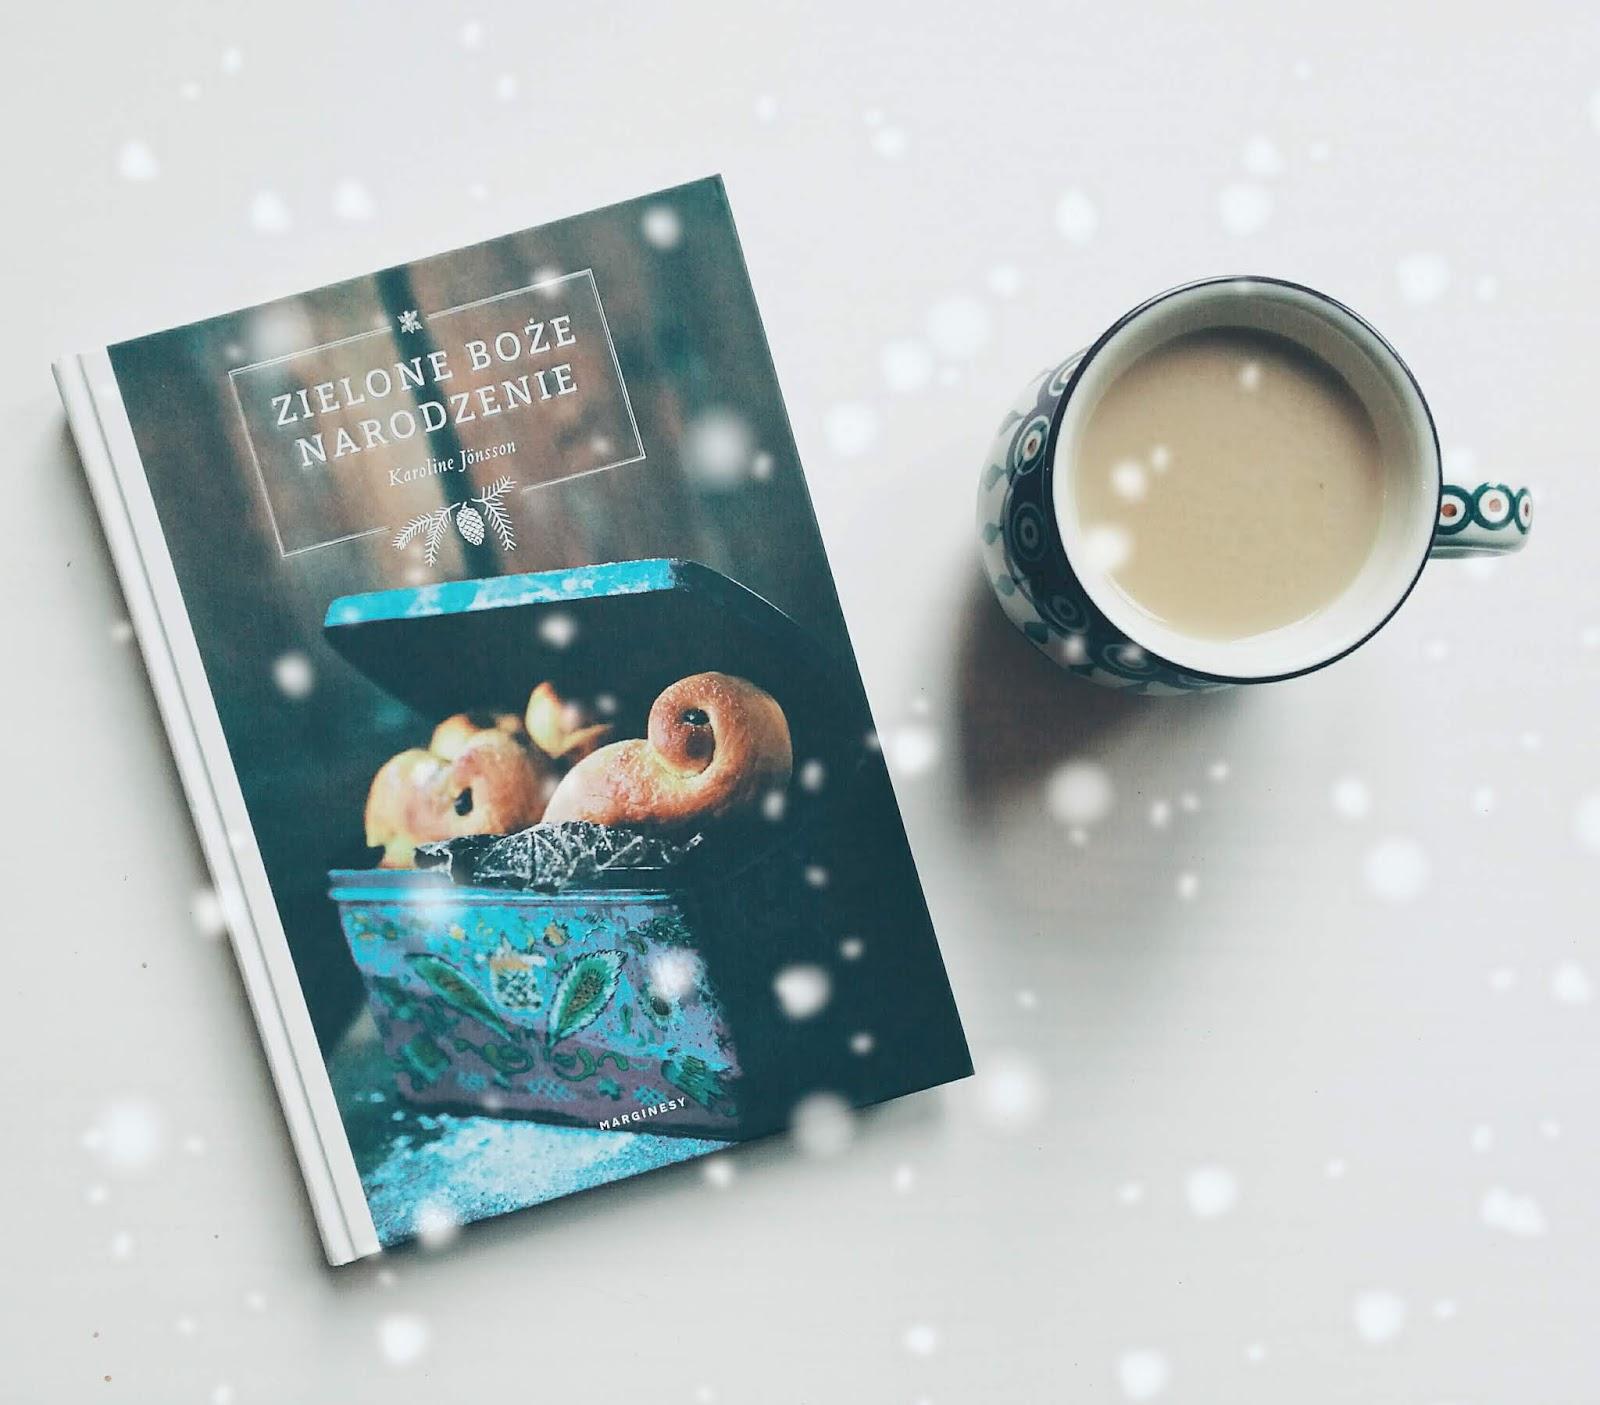 """Z okazji Mikołajek: świąteczny przepis z książki """"Zielone Boże Narodzenie"""" Karoline Jönsson"""